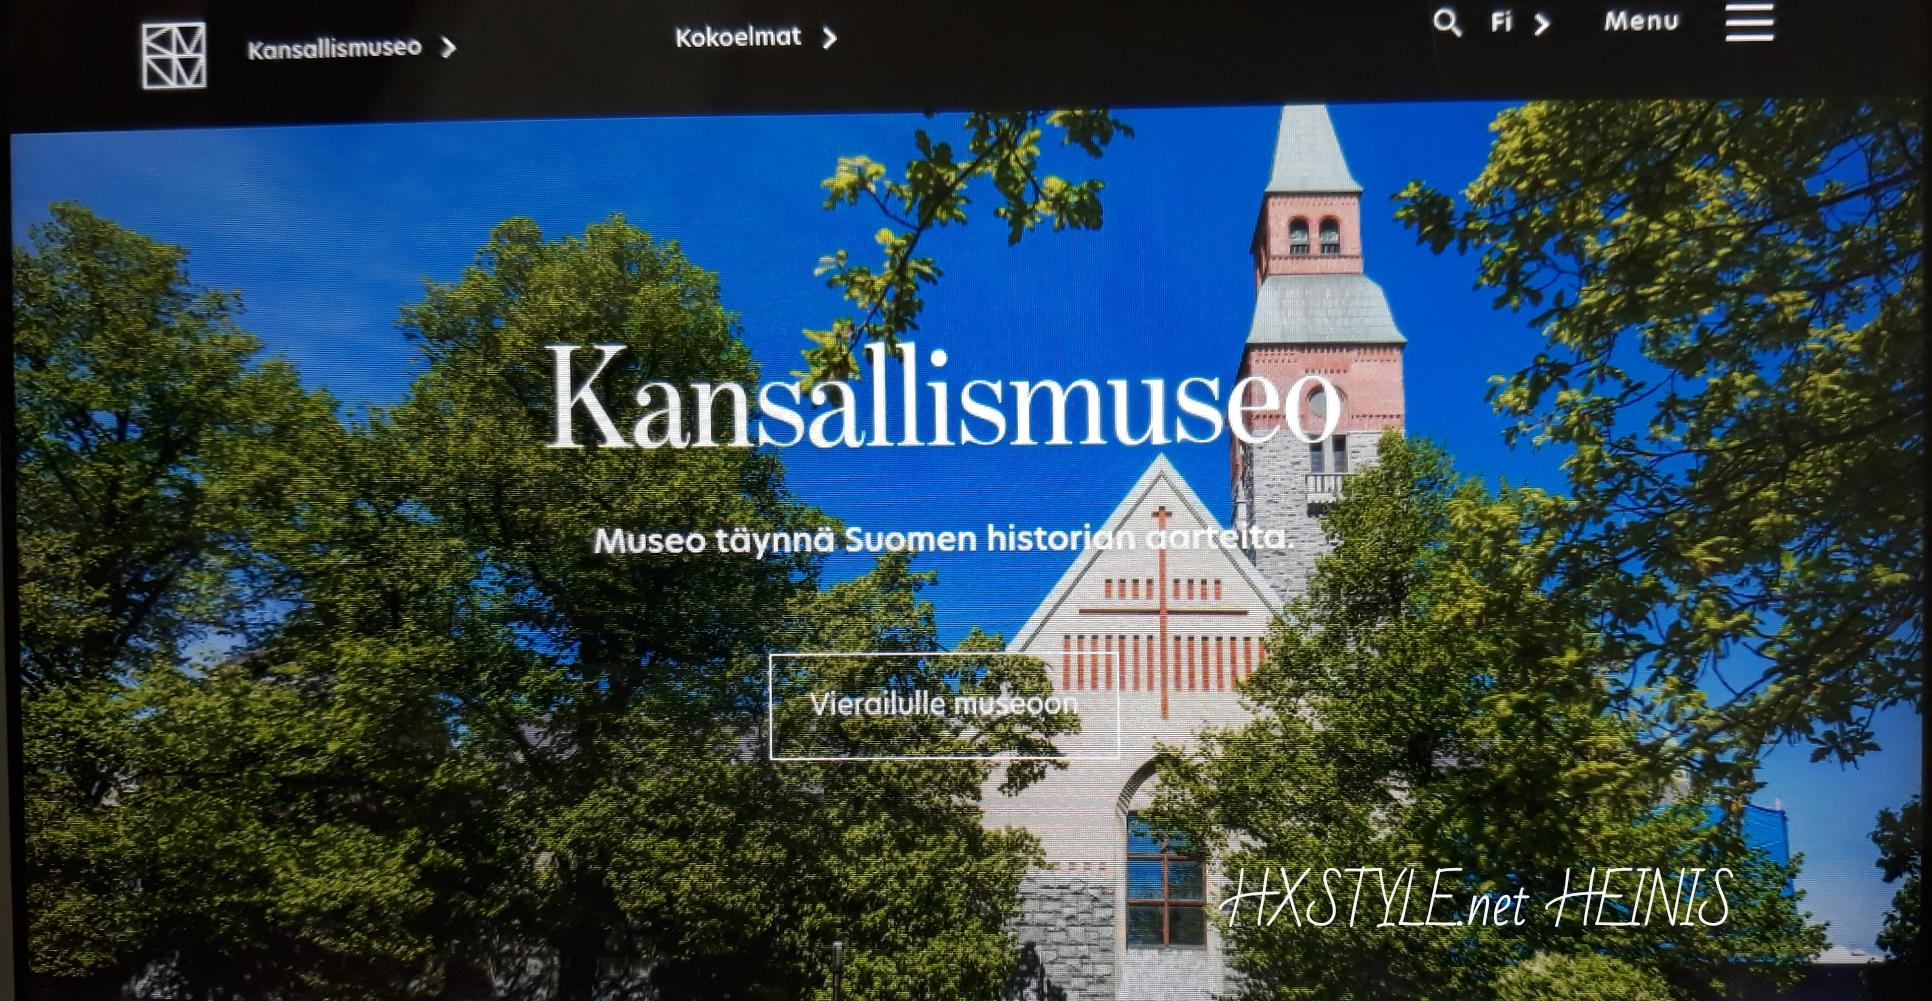 KULTTUURI. TAIDE, HISTORIA.  Suomen KANSALLISMUSEO, HELSINKI. 1/2 PERUSNÄYTTELYT, NÄYTTELYT&YLEISÖOPASTUS, Kirja ja Omat kokemukset. MAAILMAN Klassikko v. 1959 …BARBIE – The ICON  27.4. – 26.8.2018 MUOTI&DESIG…Suosikki &Elämäntapa. 14.6.2018 HXSTYLE.net Heinis